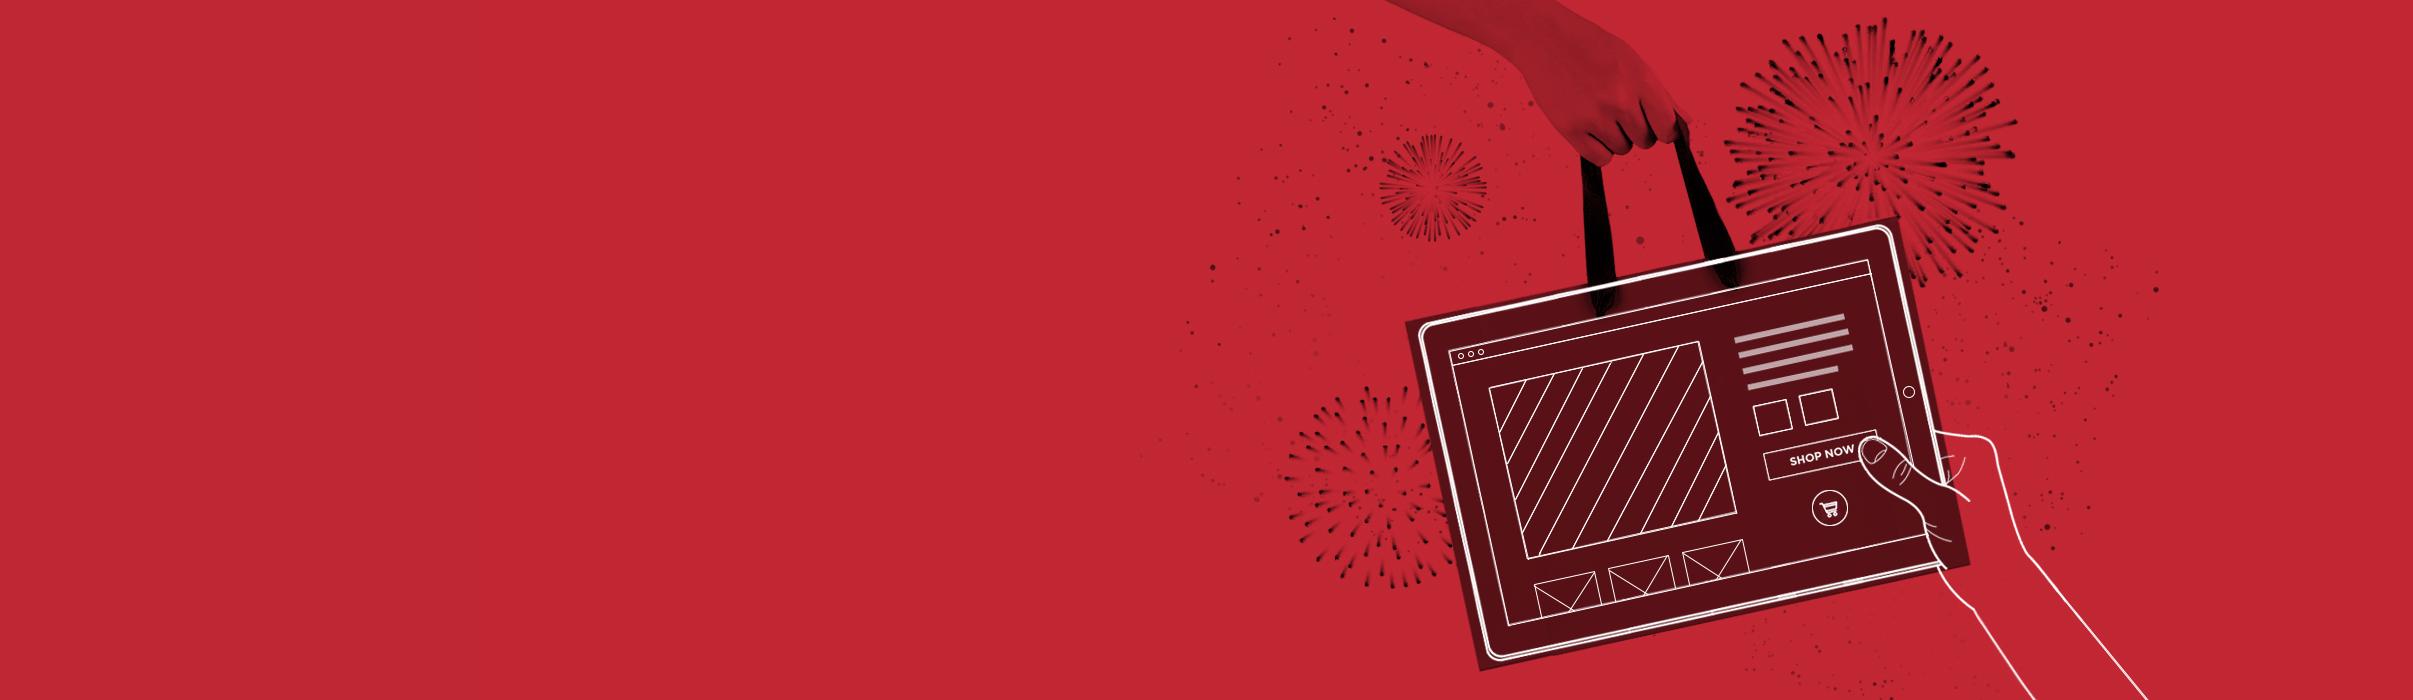 Aleksundshantu Titelbild Landingpage-ecommerce Rot schwarz